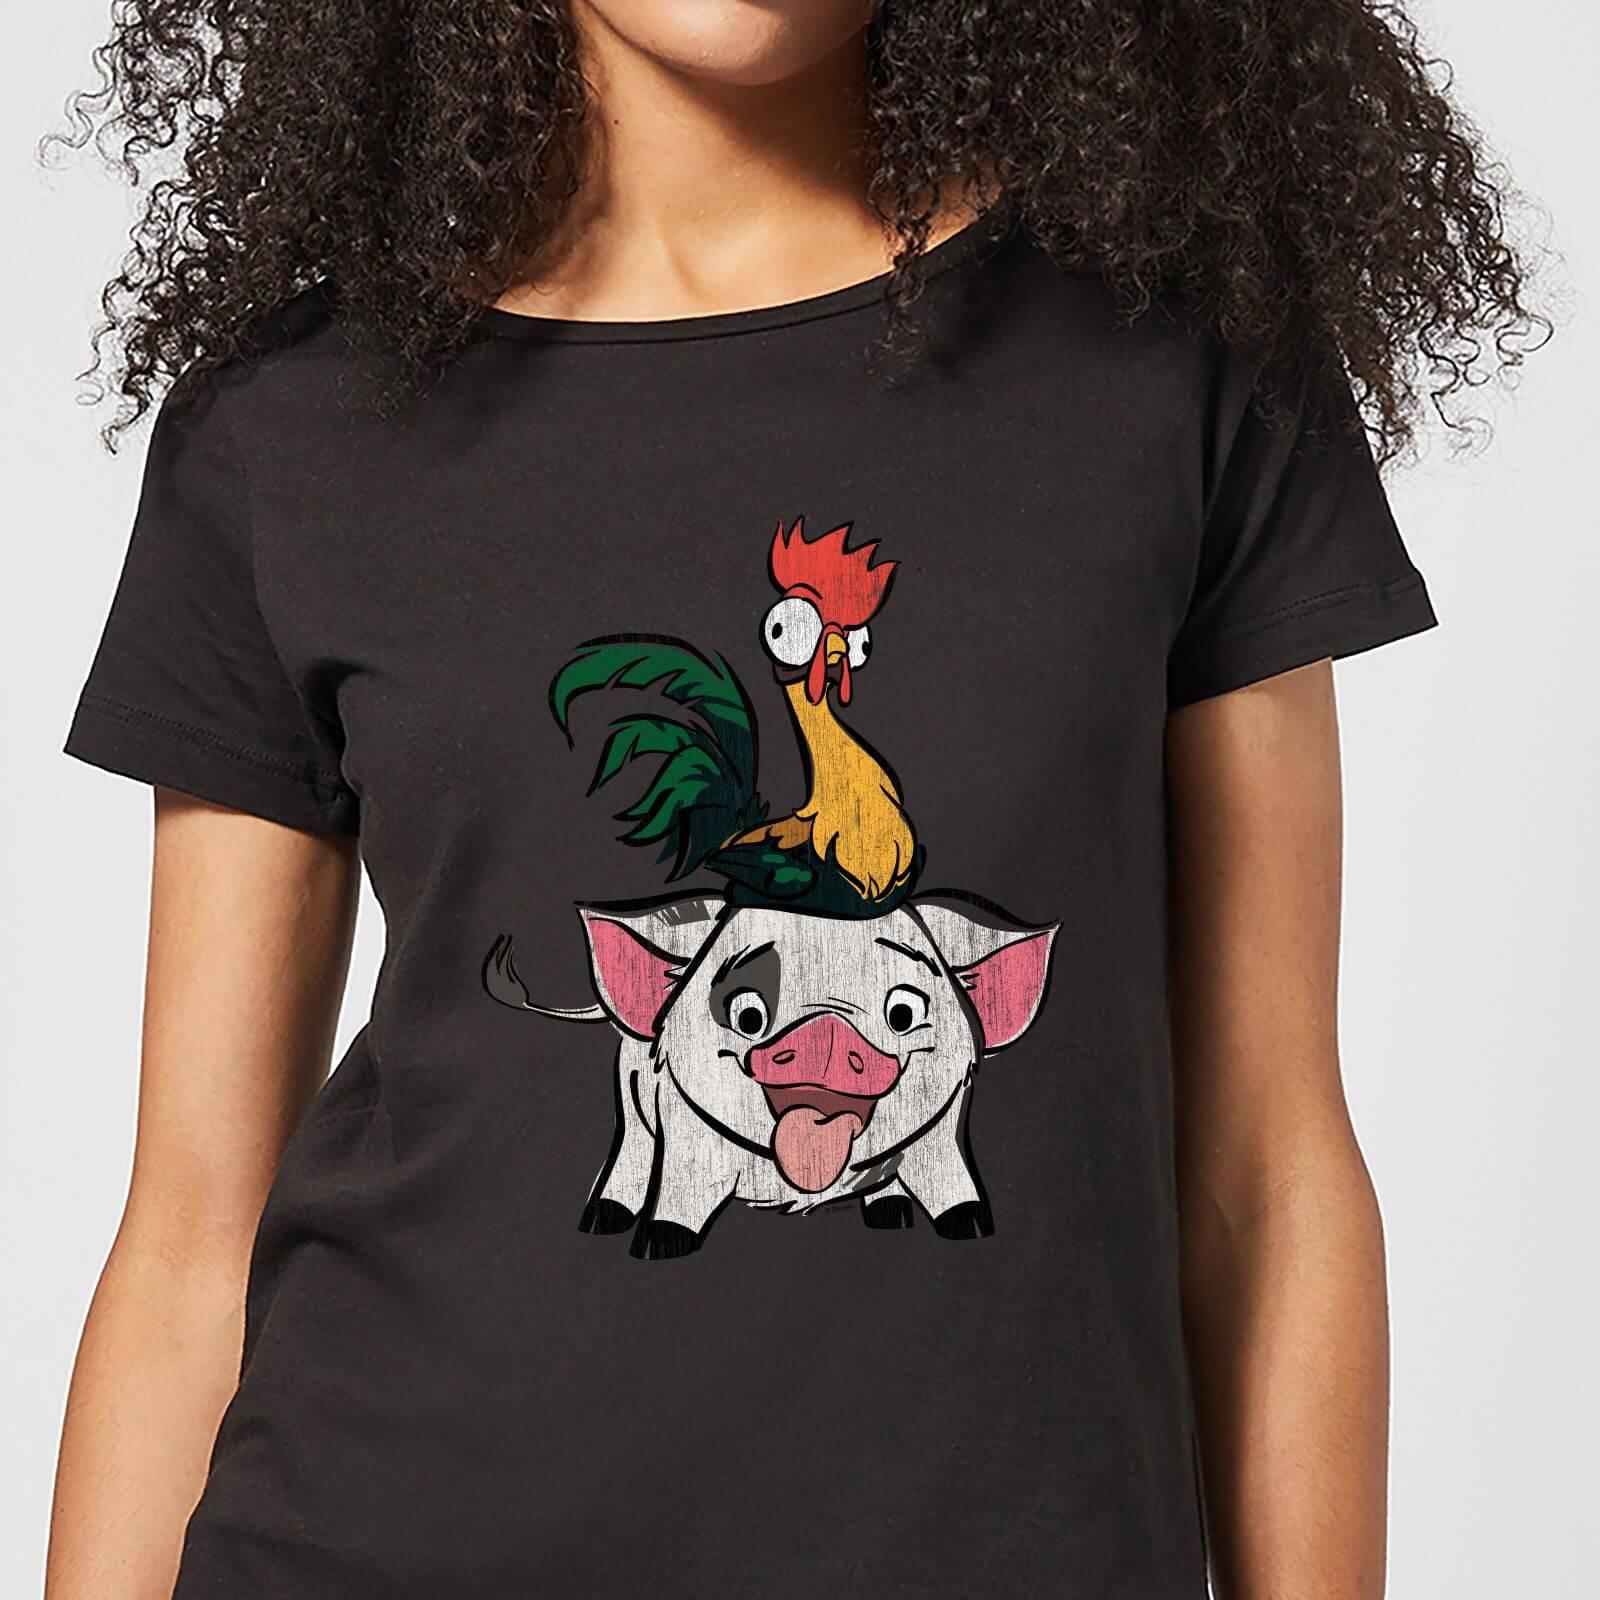 Moana Hei Hei and Pua Women's T-Shirt - Black - XL - Black